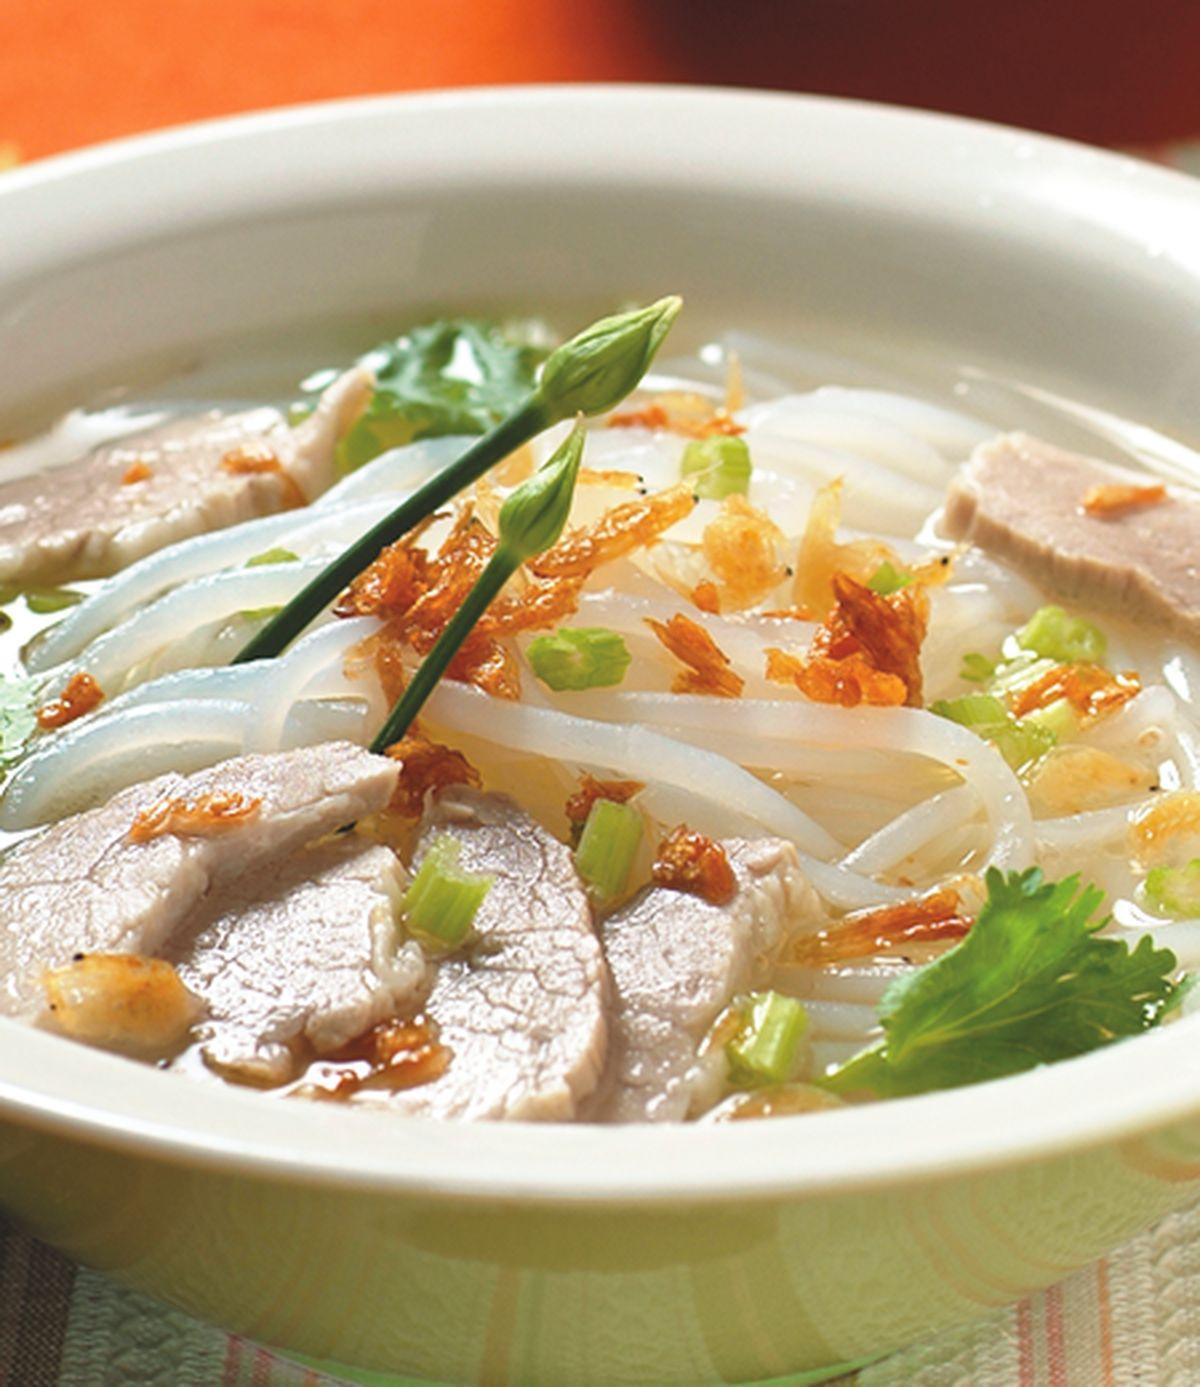 食譜:蝦皮米粉湯